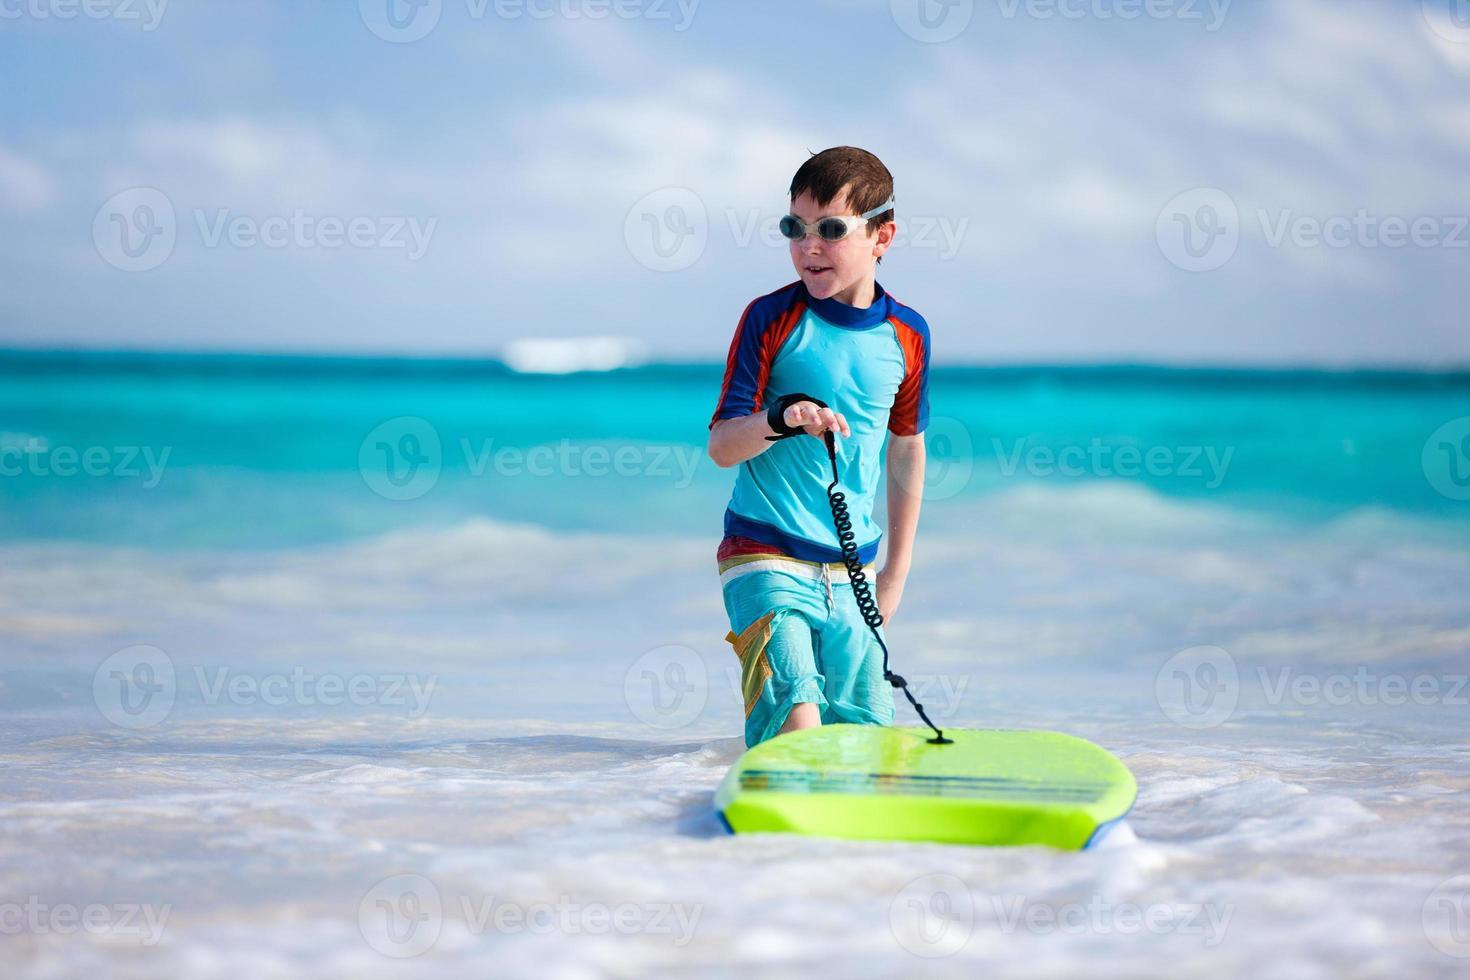 chico surfeando foto